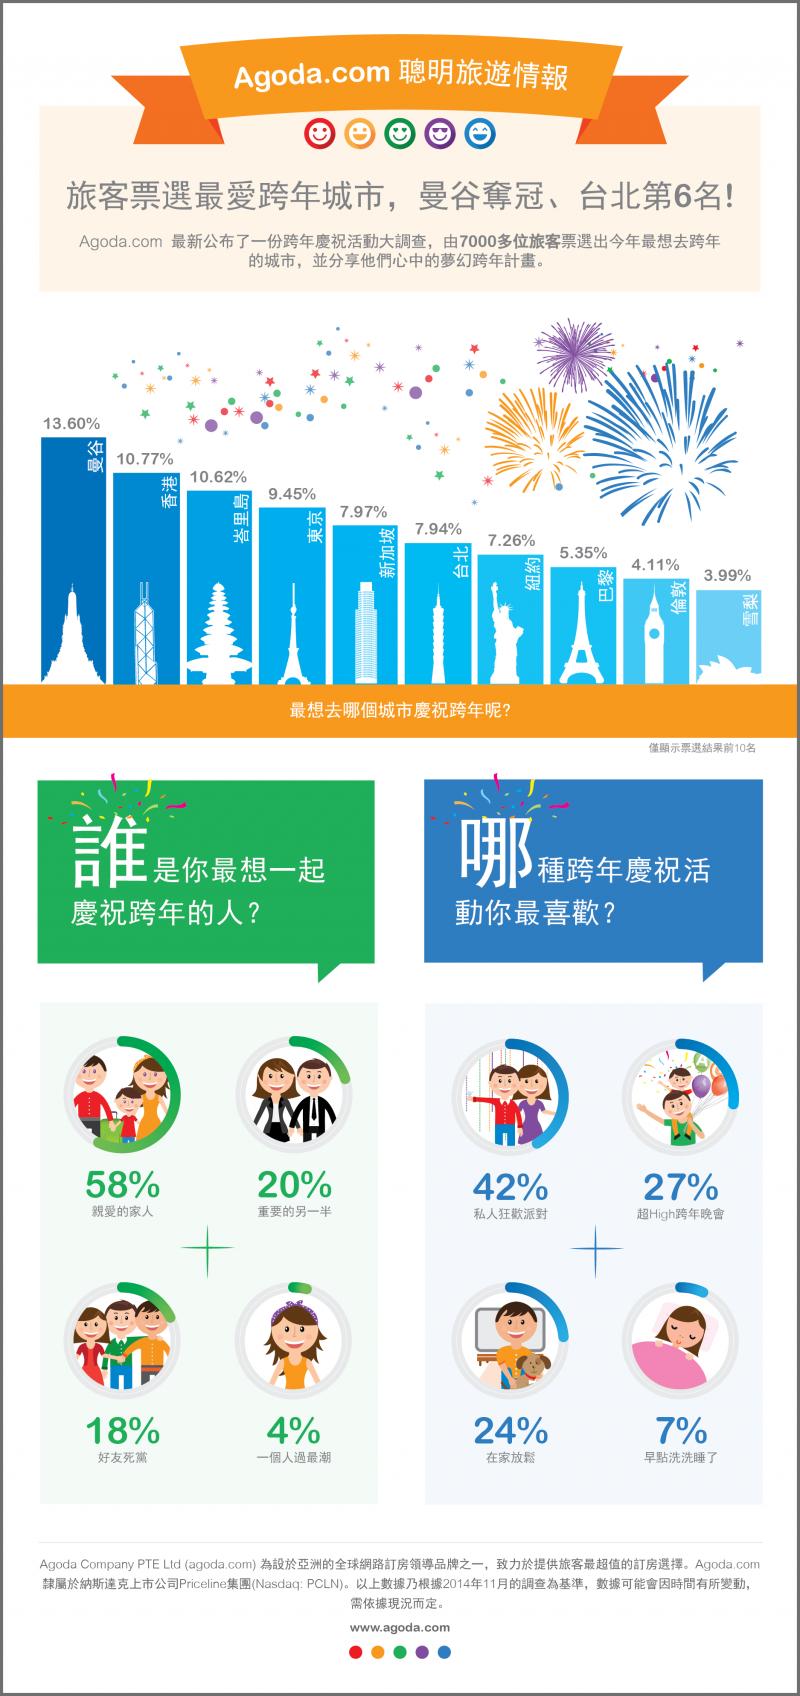 全球旅客最爱跨年城市?亚洲国家竟然攻占前六名